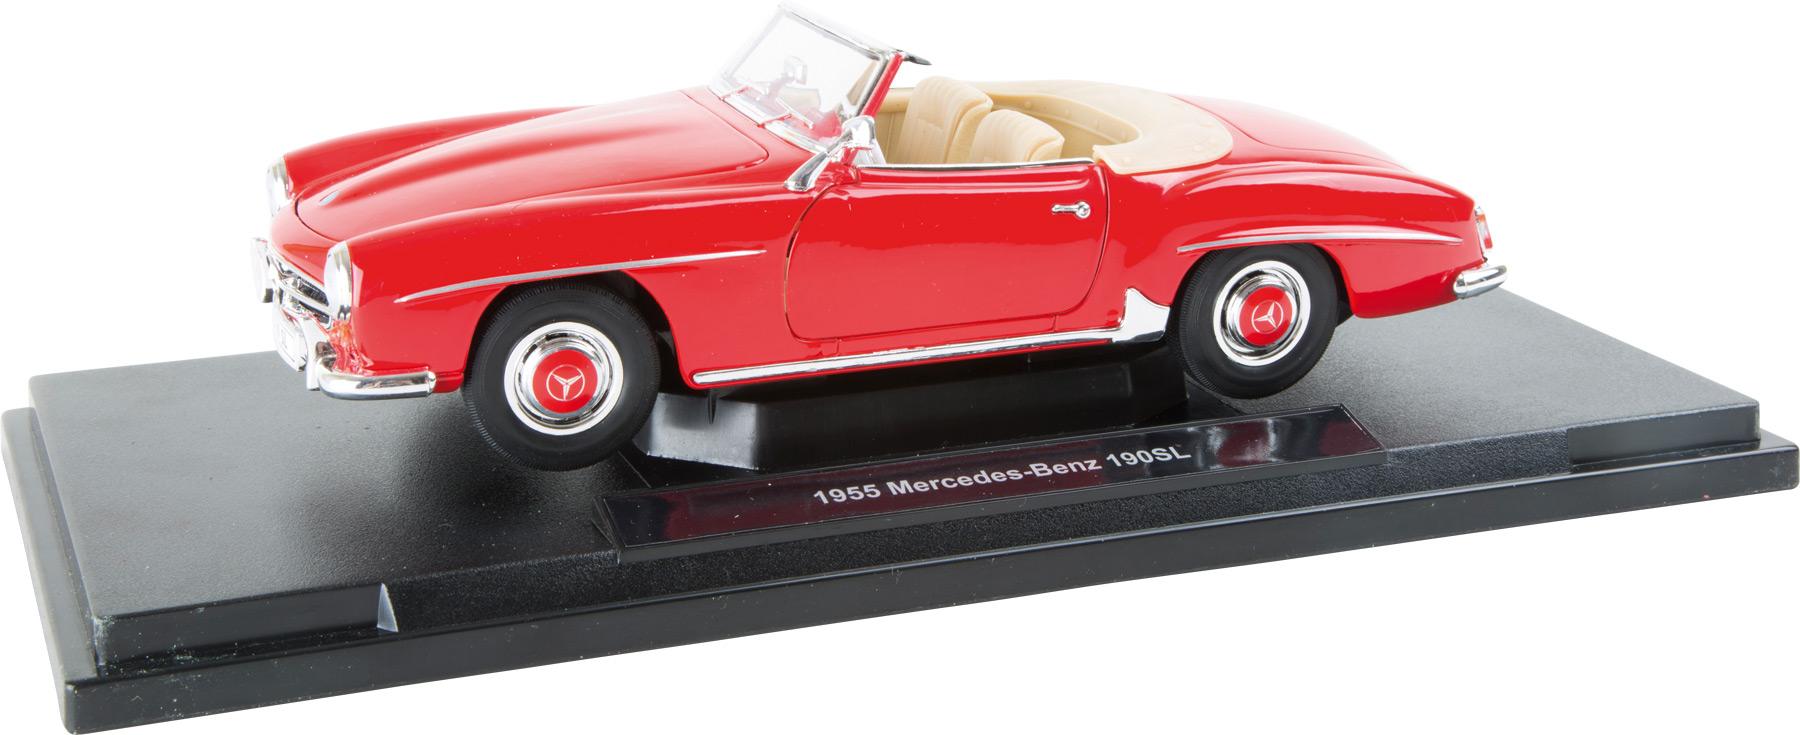 Small Foot Model Mercedes-Benz 190 SL (1955)